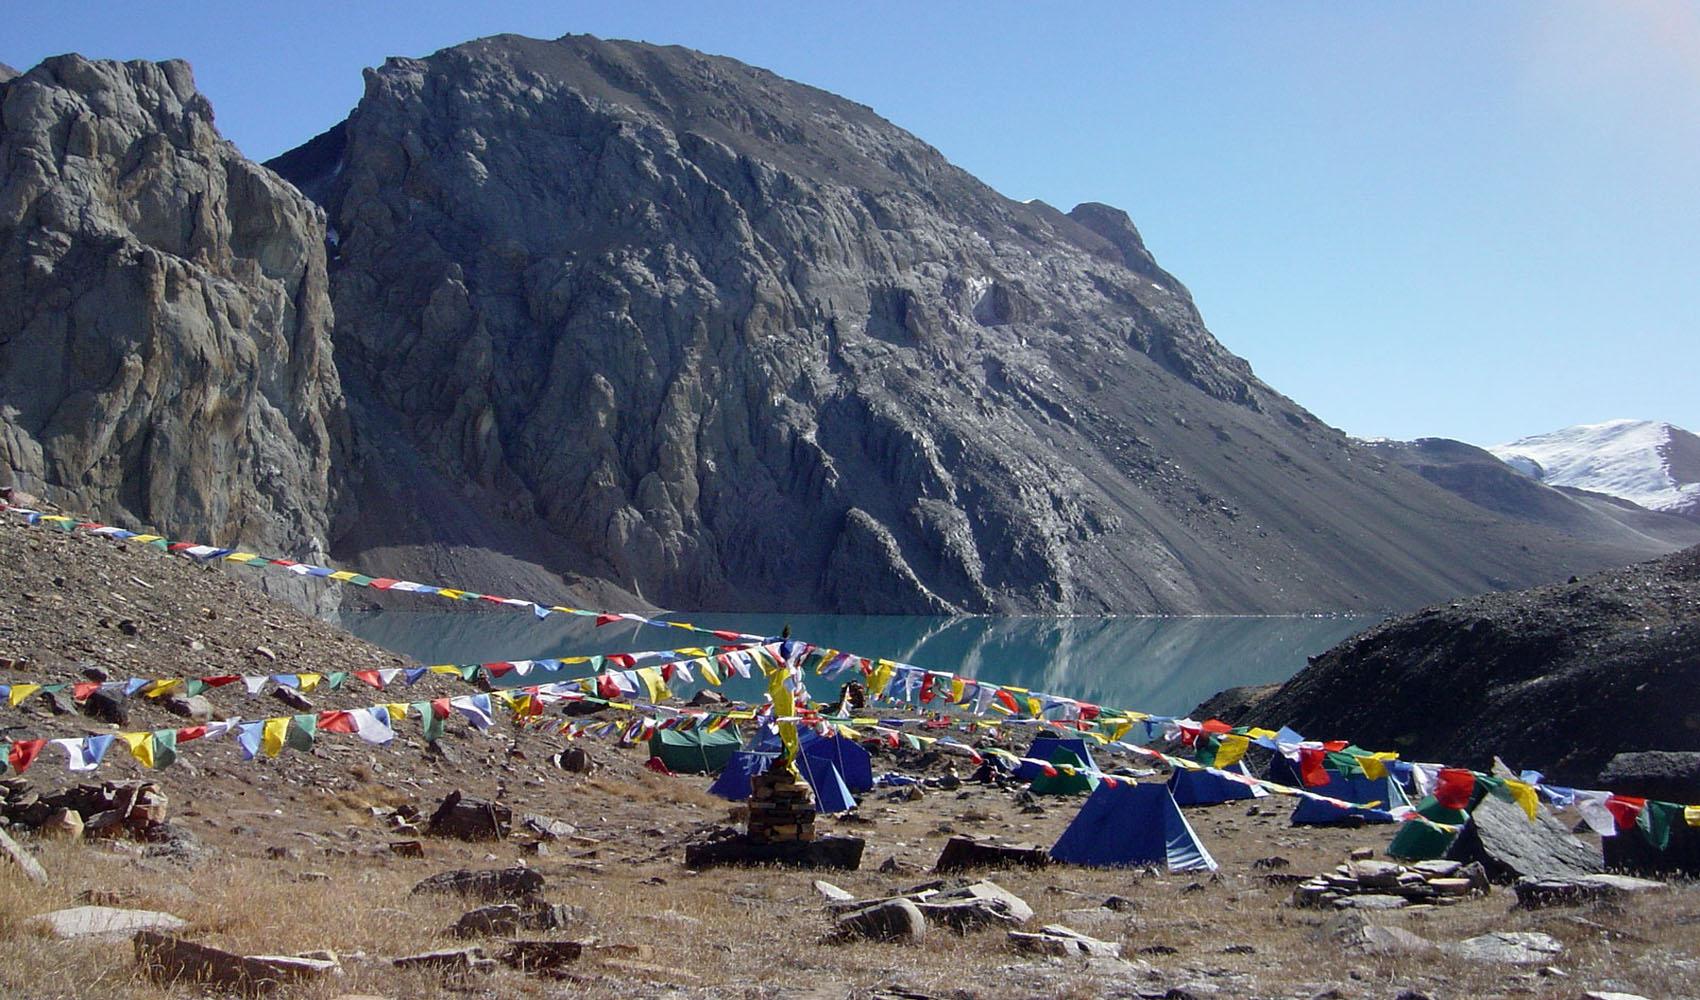 Camp de base au bord du lac